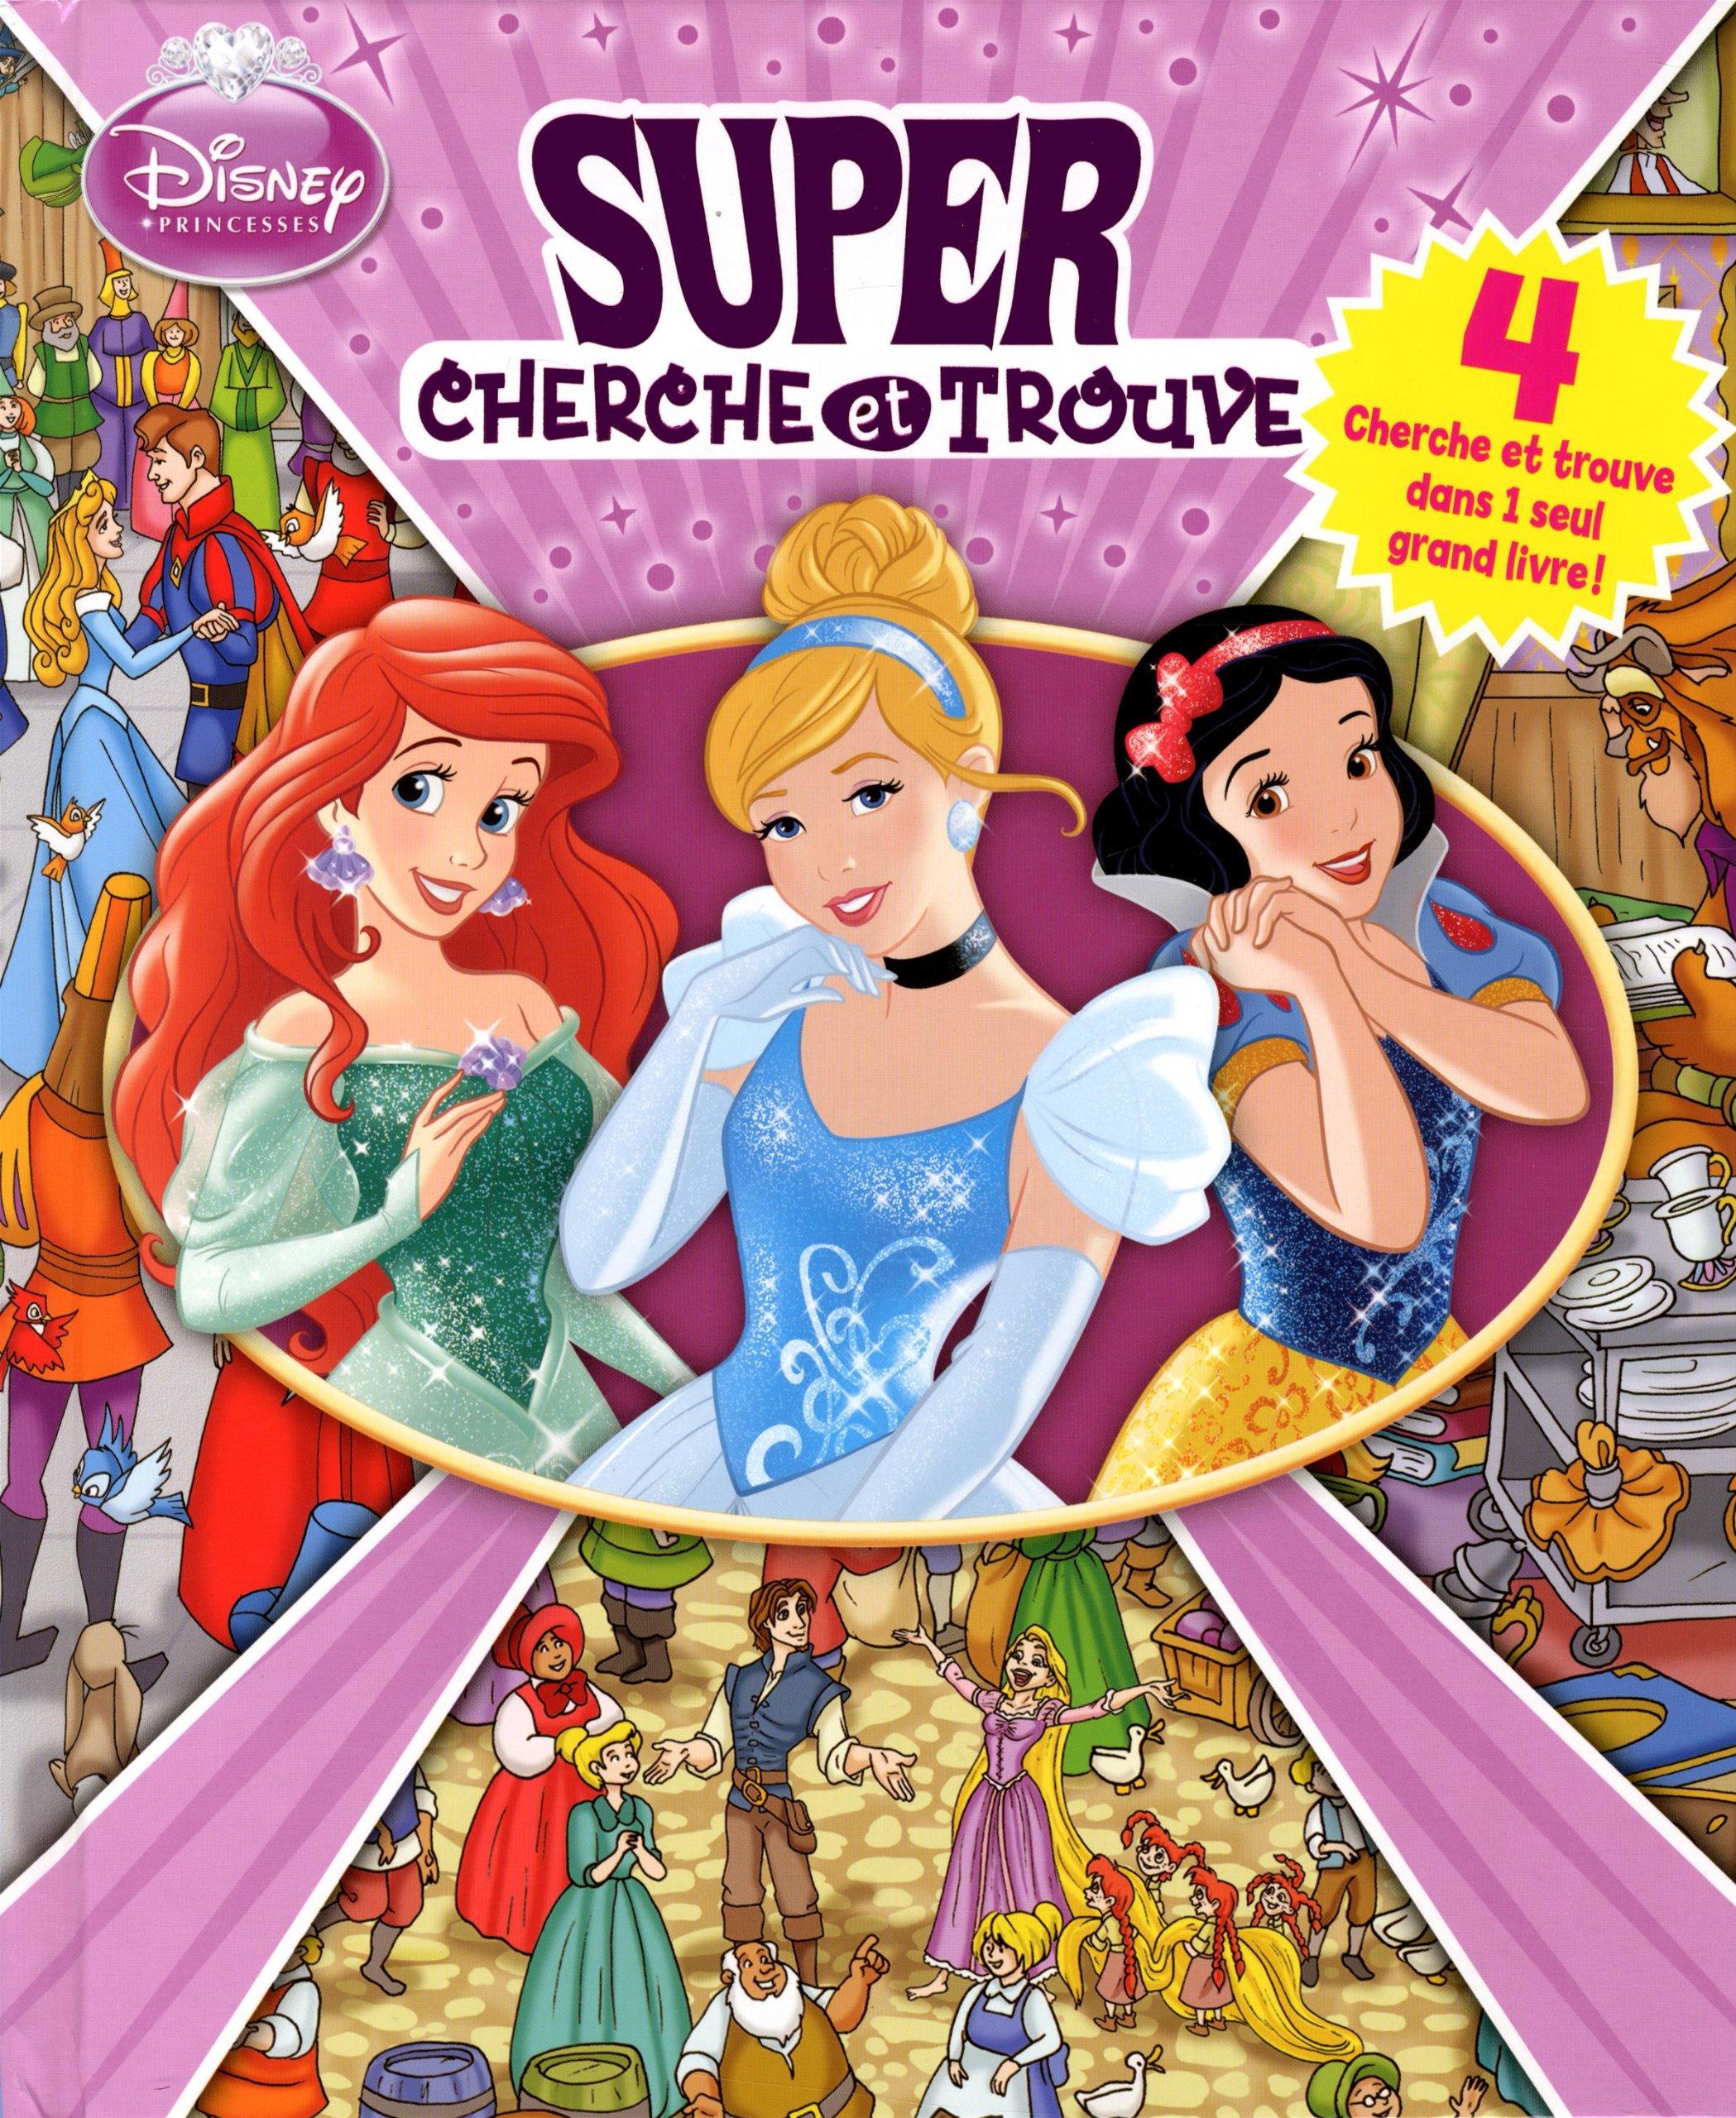 Disney Princesses Super Cherche Et Trouve 4 Cherche Et